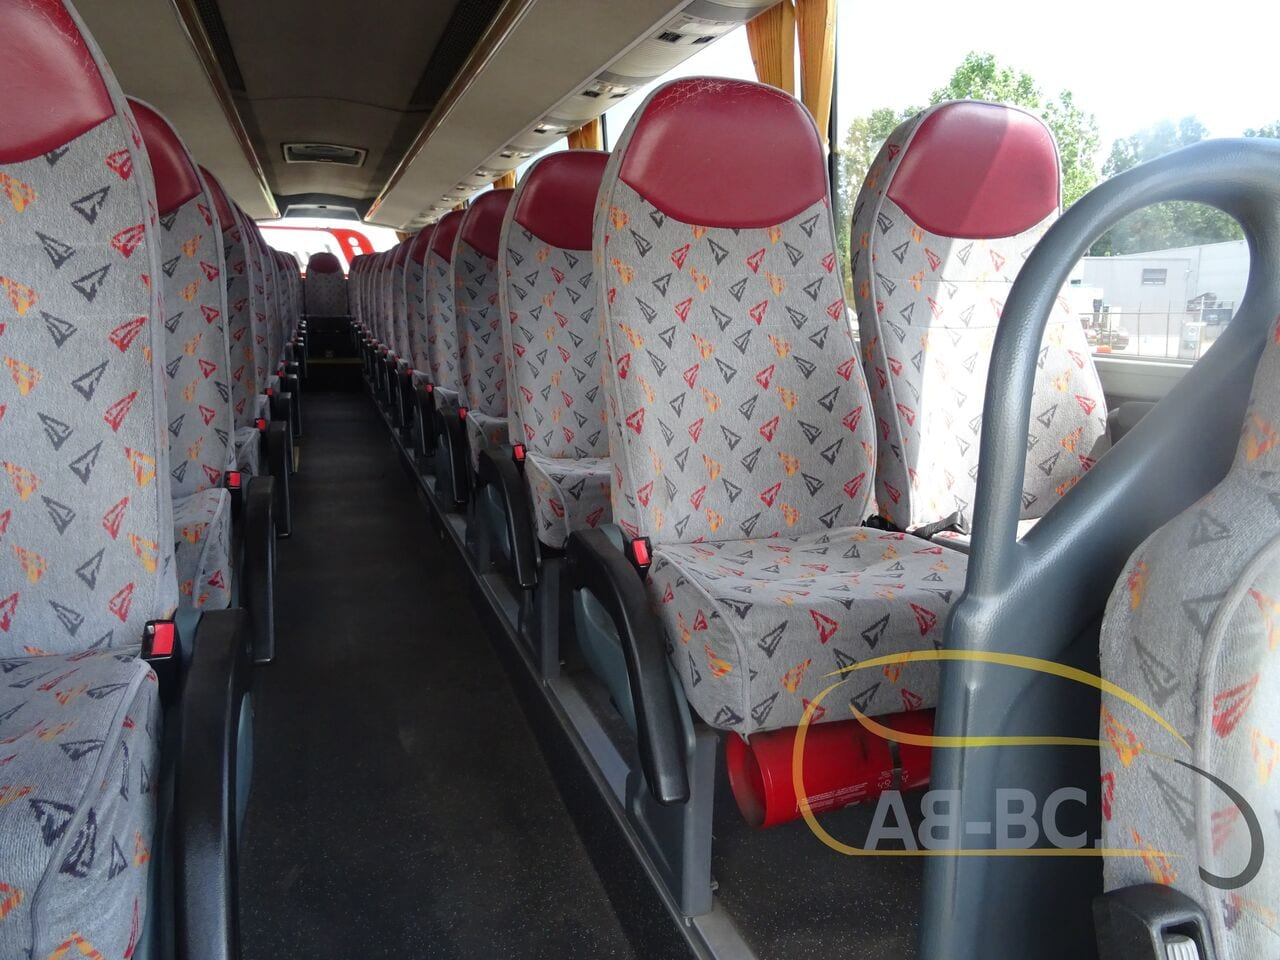 coach-busTEMSA-Safari-RD-DAF-Motor-53-Seats-Euro-5---1623932490102111299_big_8e8662f59bbf8dd2bab0ca0cd1db8cd1--21061715155620919600